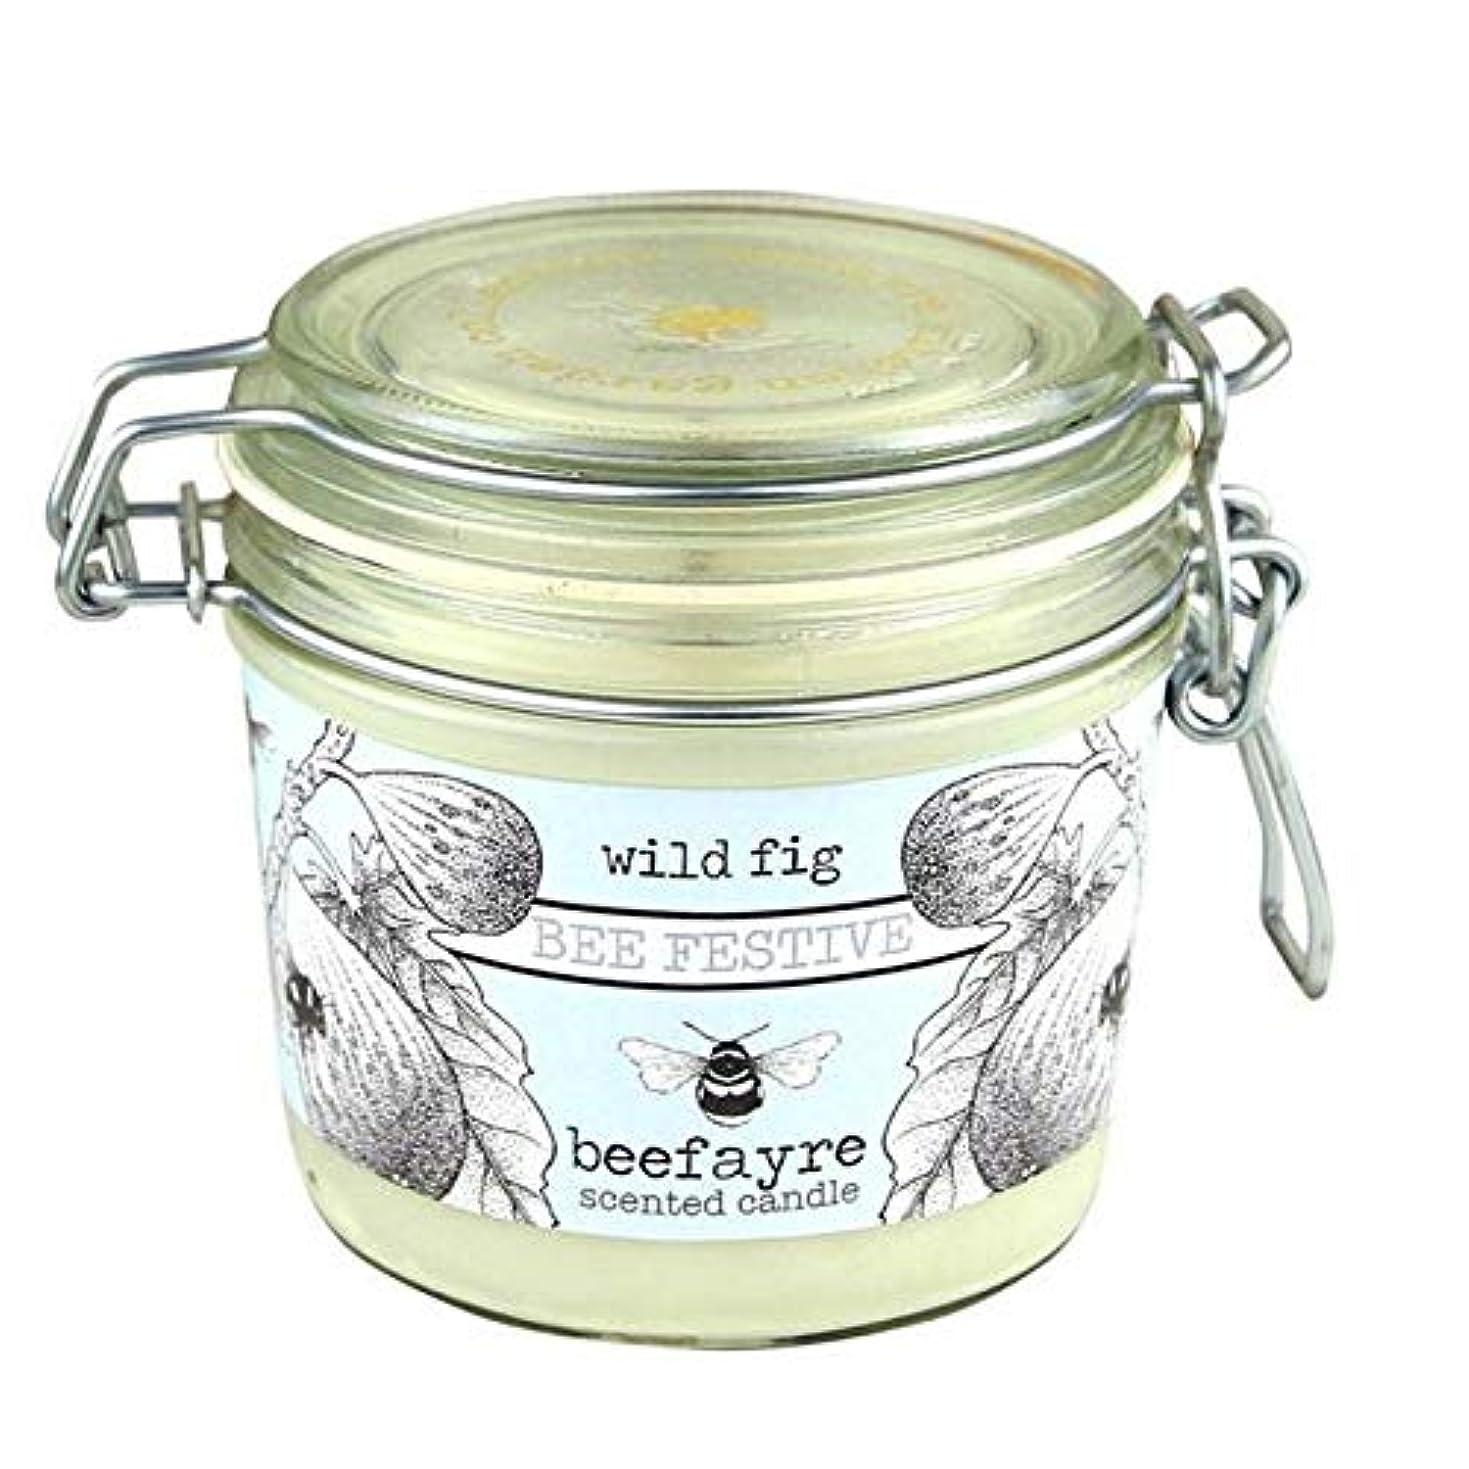 れるラダ請願者[Beefayre] 野生のイチジク大きな香りのキャンドルBeefayre - Beefayre Wild Fig Large Scented Candle [並行輸入品]